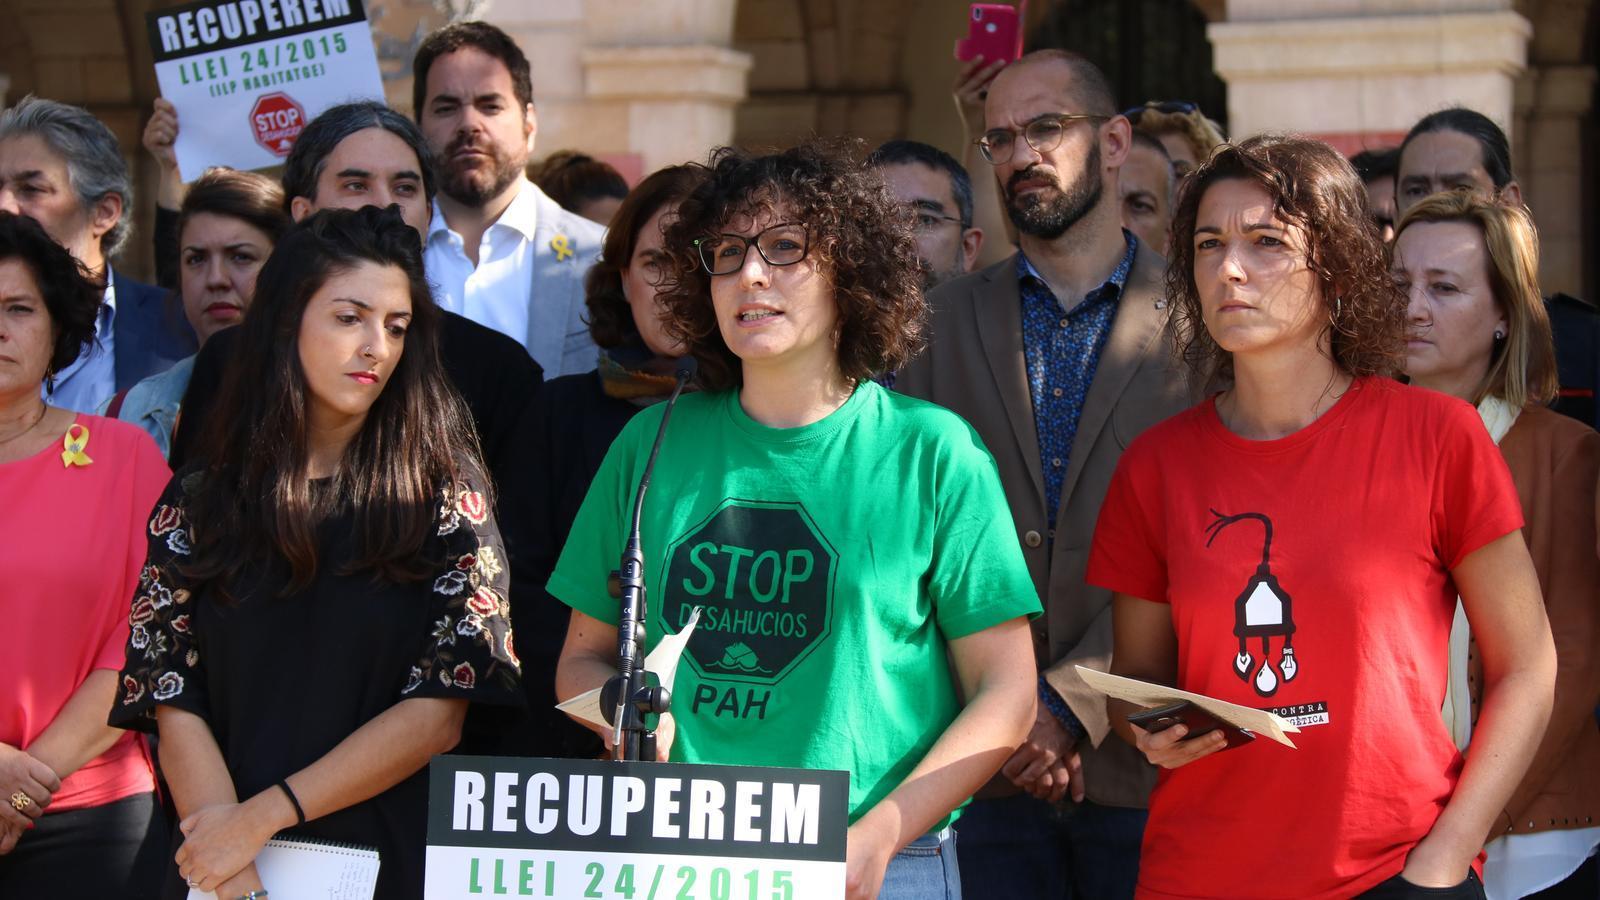 Entitats i ajuntaments s'uneixen per reclamar a Sánchez que retiri el recurs contra la llei catalana d'habitatge